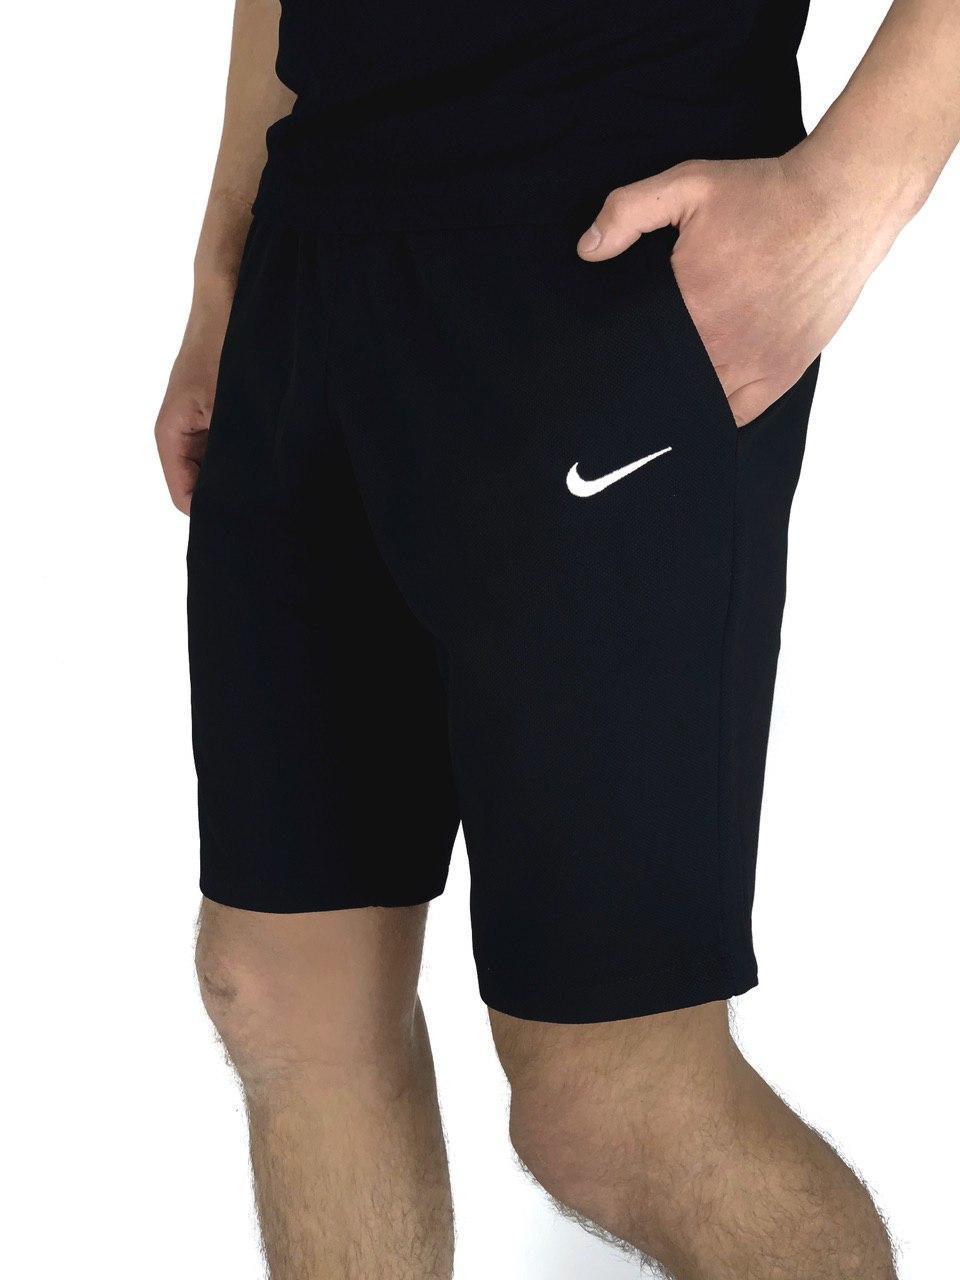 Мужские Шорты в стиле Найк/Nike Черные трикотажные